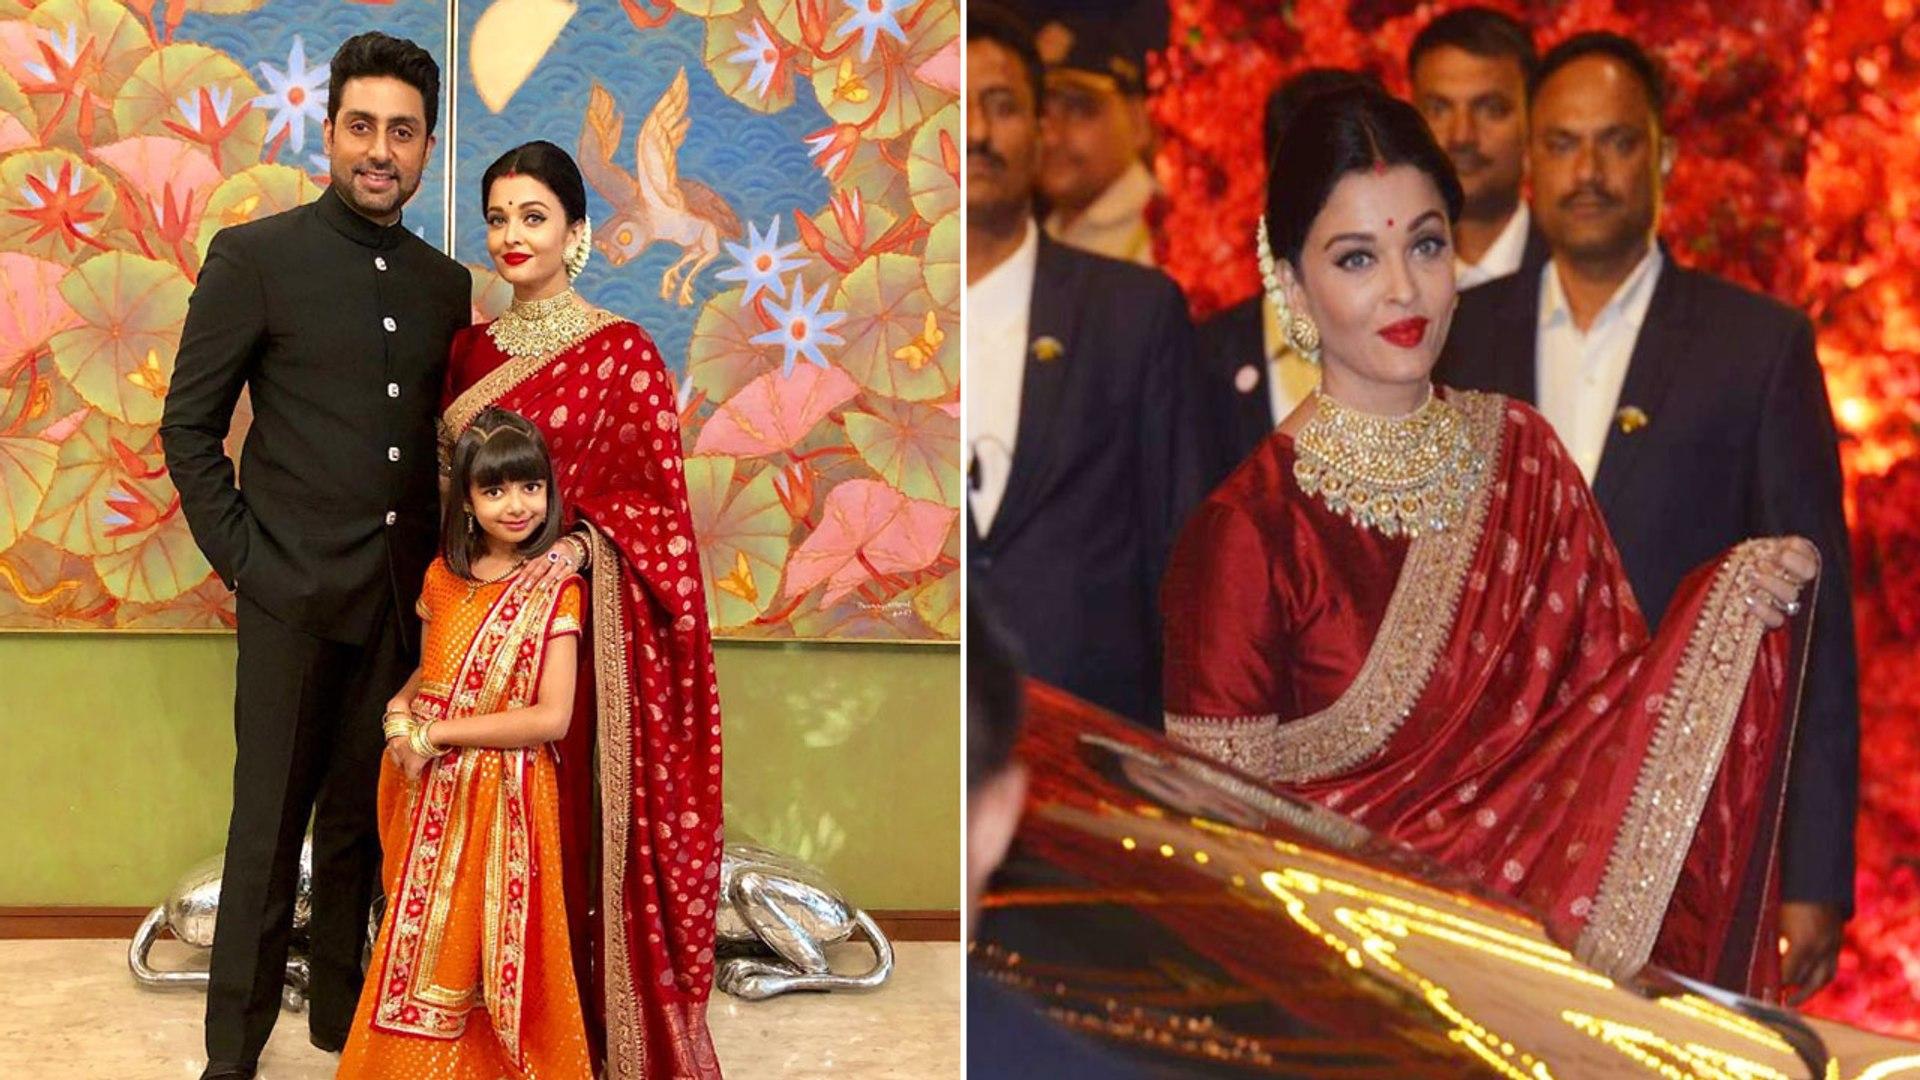 Iswarya Rai Wedding.Isha Ambani Wedding Aishwarya Rai Bachchan Looks Stunning In Red Saree Boldsky